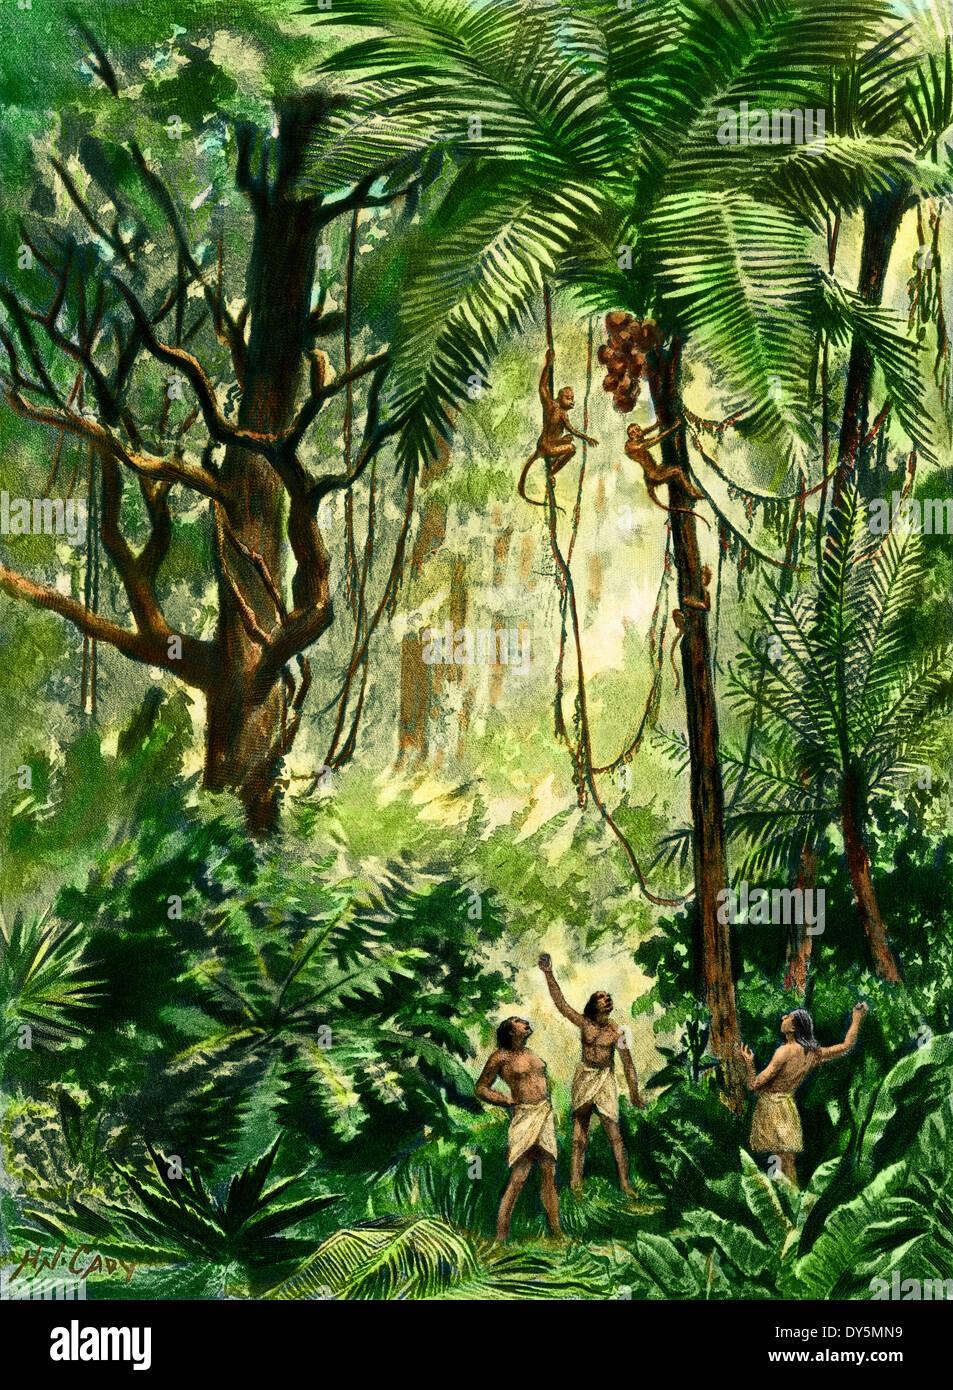 Brasilianischen Eingeborenen werfen von Steinen bei Affen um Muttern zu sammeln, die nach unten geworfen werden. Stockbild